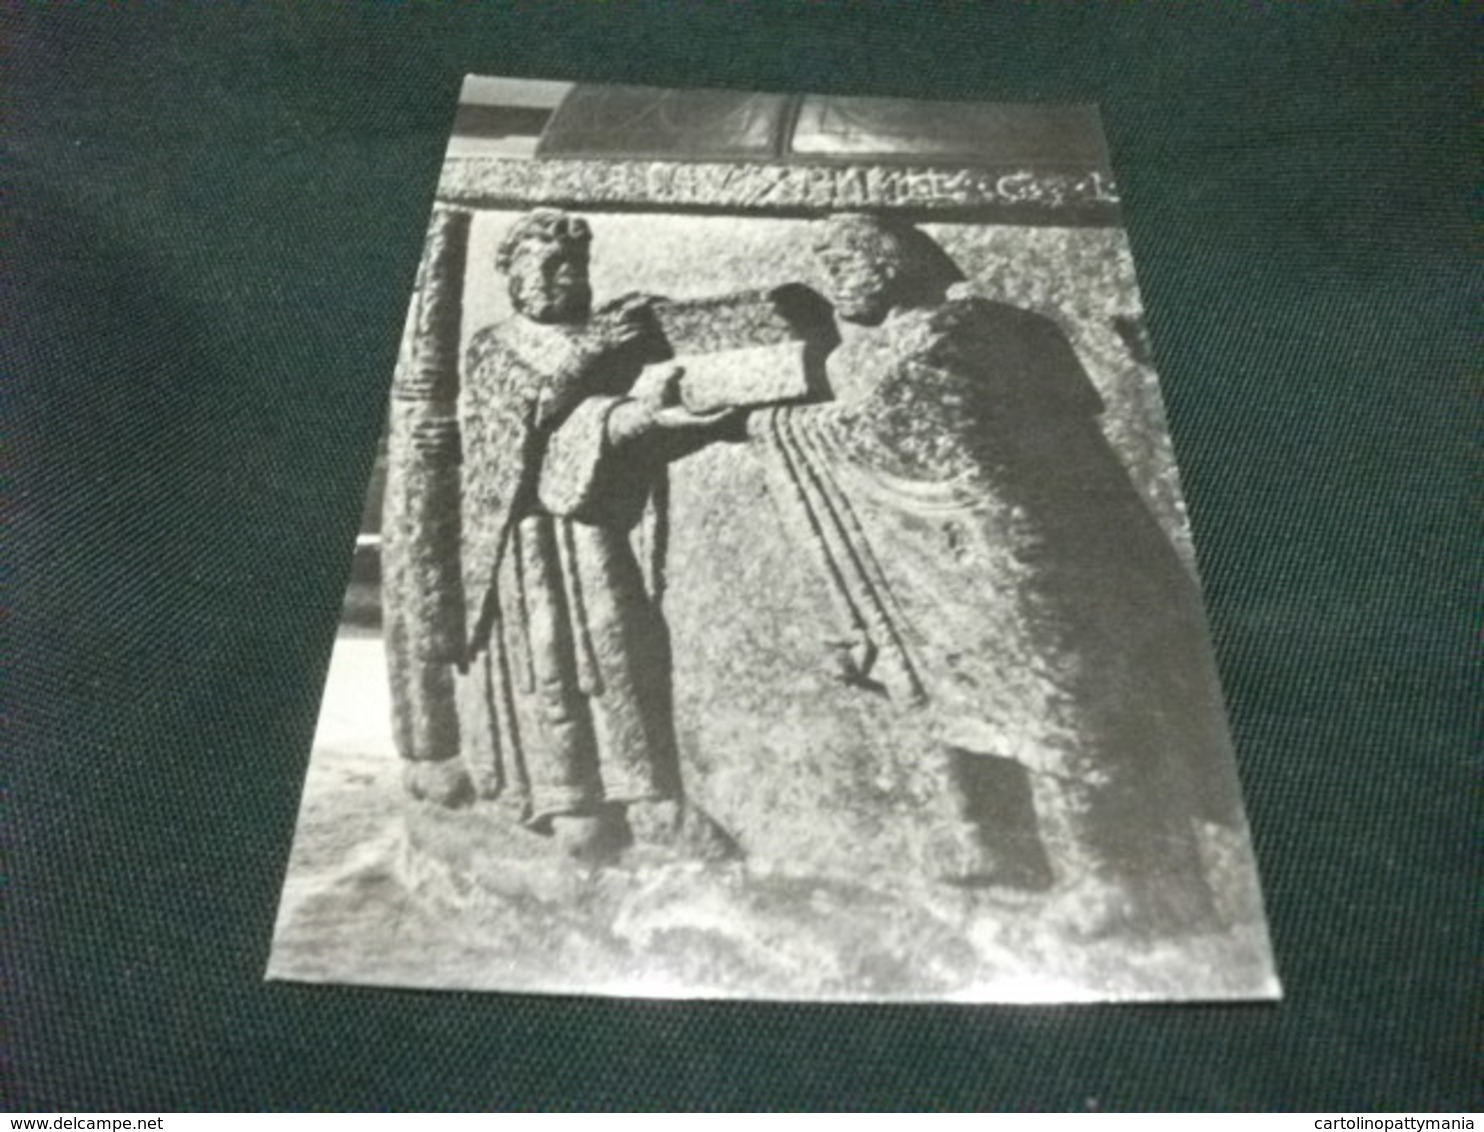 CHIAVENNA FONTE BATTESIMALE IN PIETRA OLLARE  SCULTURE IN BASSORILIEVO L'ARCIPRETE LEGGE RITUALE RETTO DA CHIERICO - Sculture